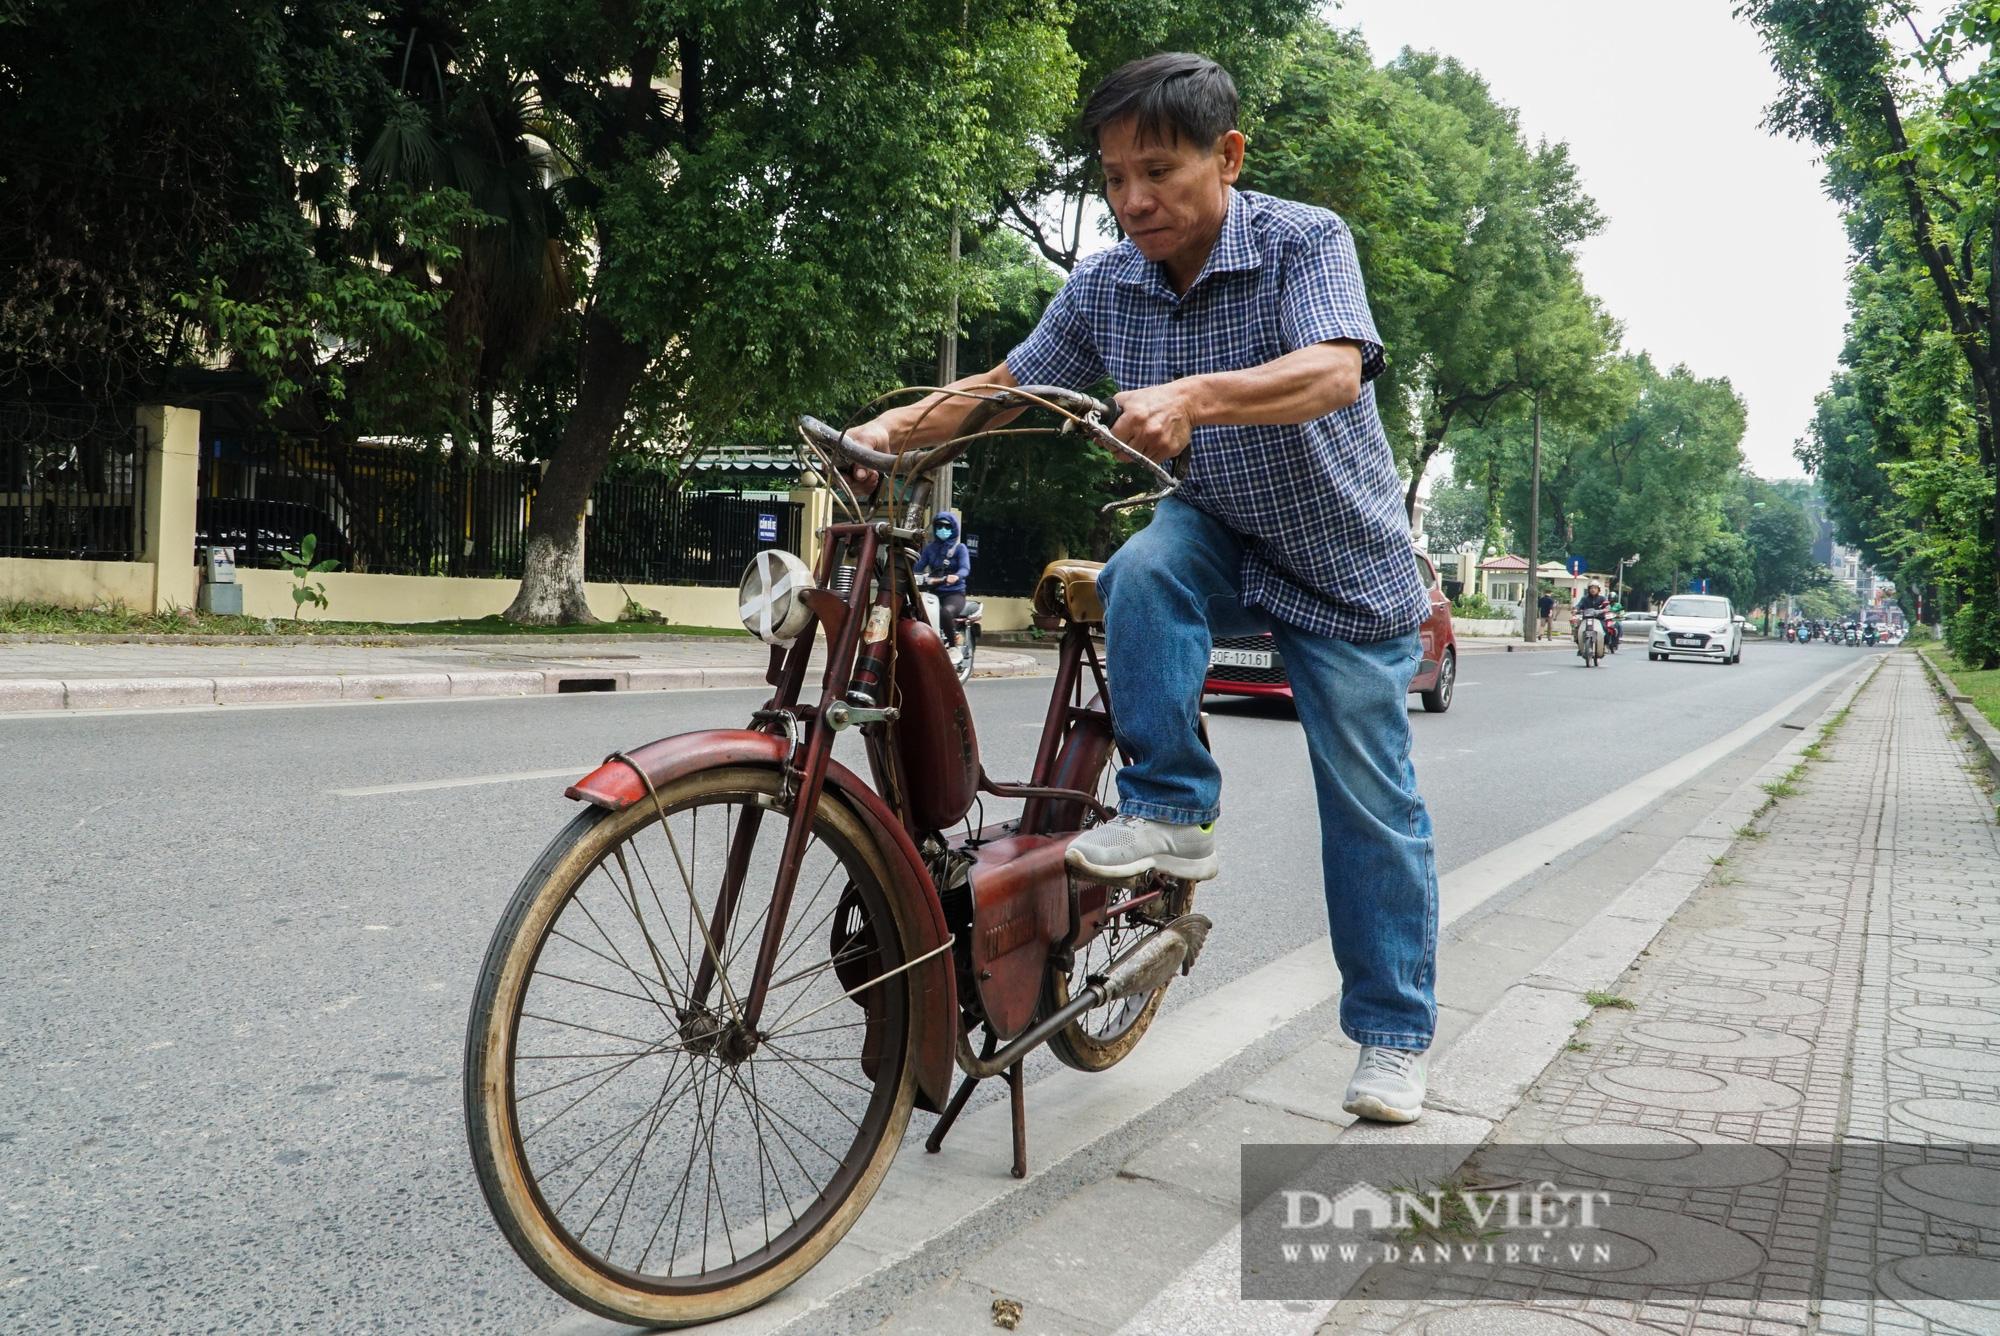 Xe máy Georges Catte gần 70 tuổi vẫn chạy bon bon trên đường - Ảnh 3.